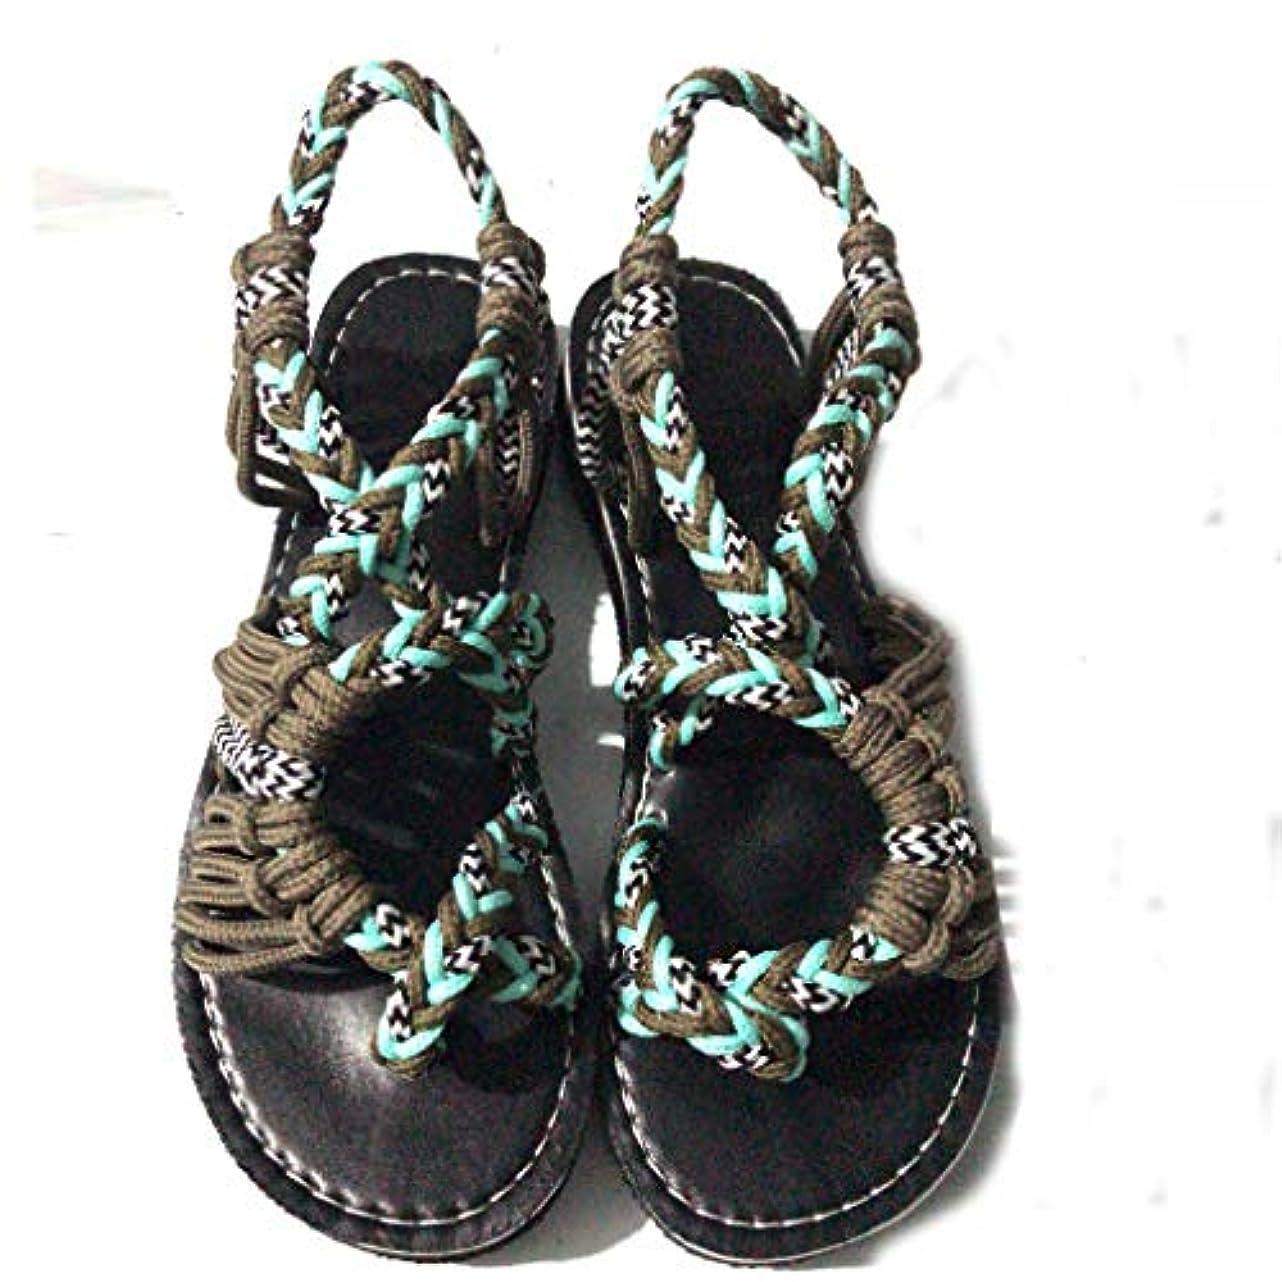 兄弟愛反映する好きレディース サンダル Tongdaxinxi 女性の麻のロープのフリップフロップ サンダル 夏のファッション ローマのビーチの靴 スリッパ 人気 軽量 おしゃれ 大きいサイズ 靴 美脚 レディース サンダル